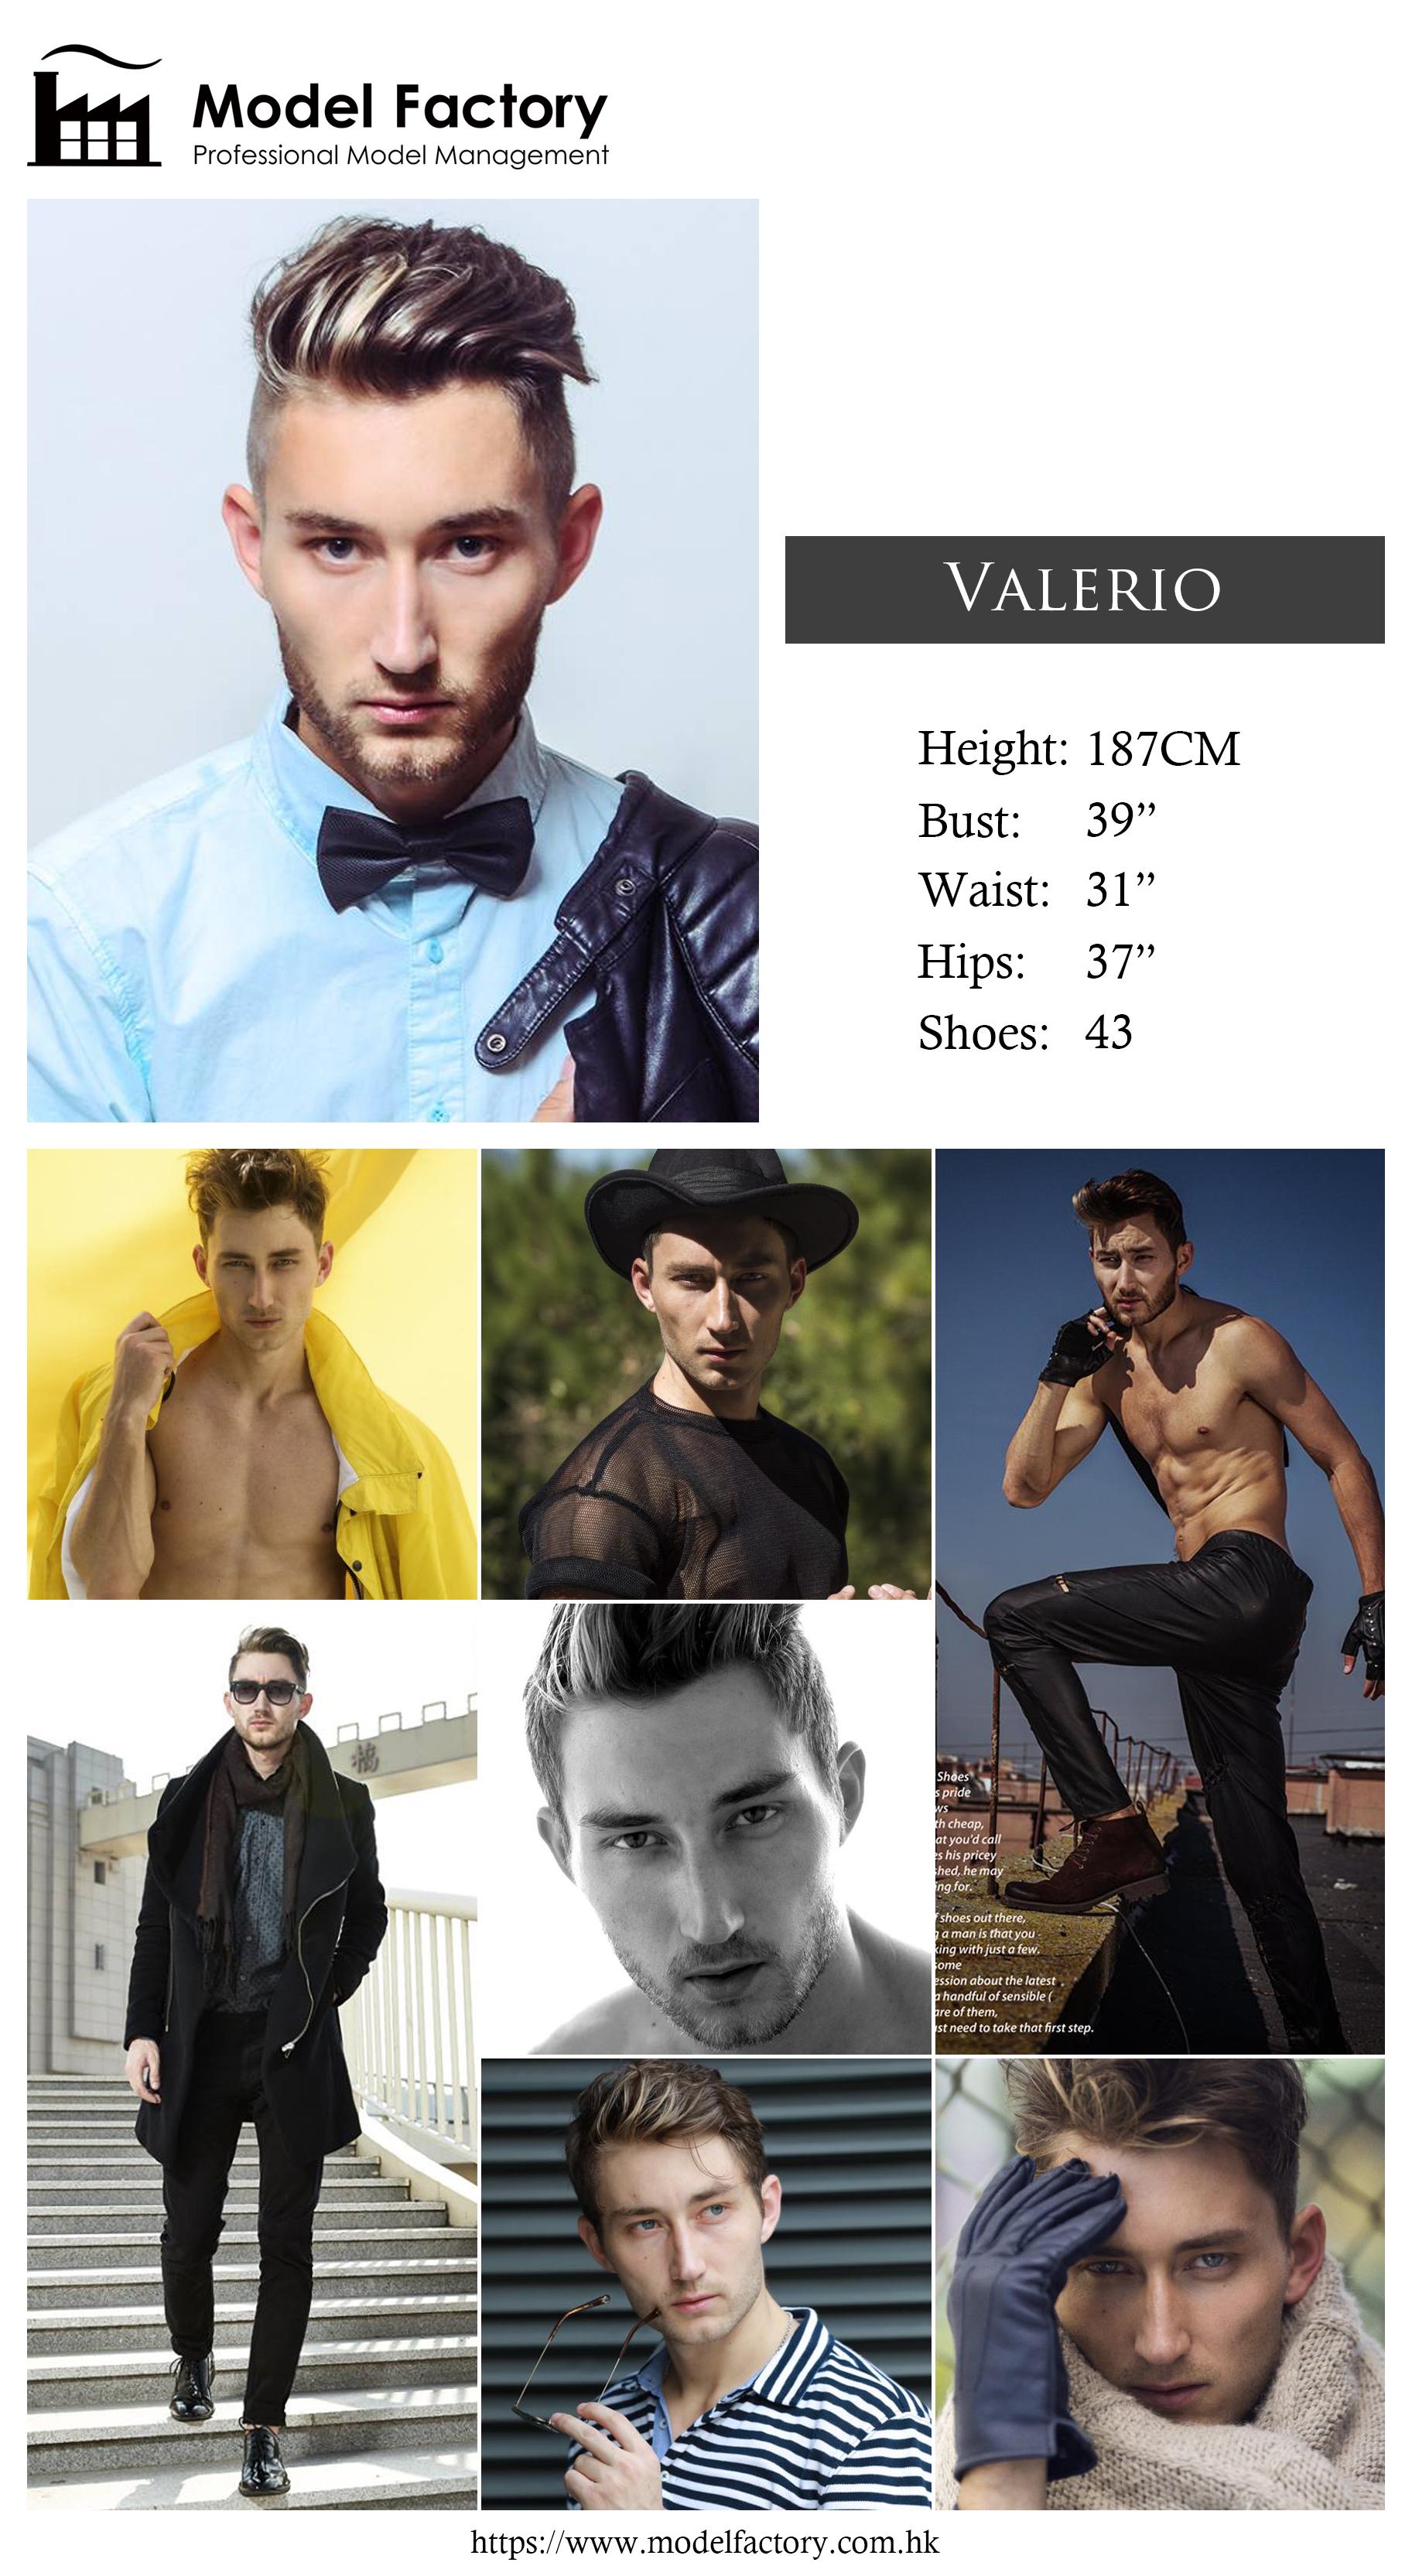 Model Factory Caucasian Male Model Valerio